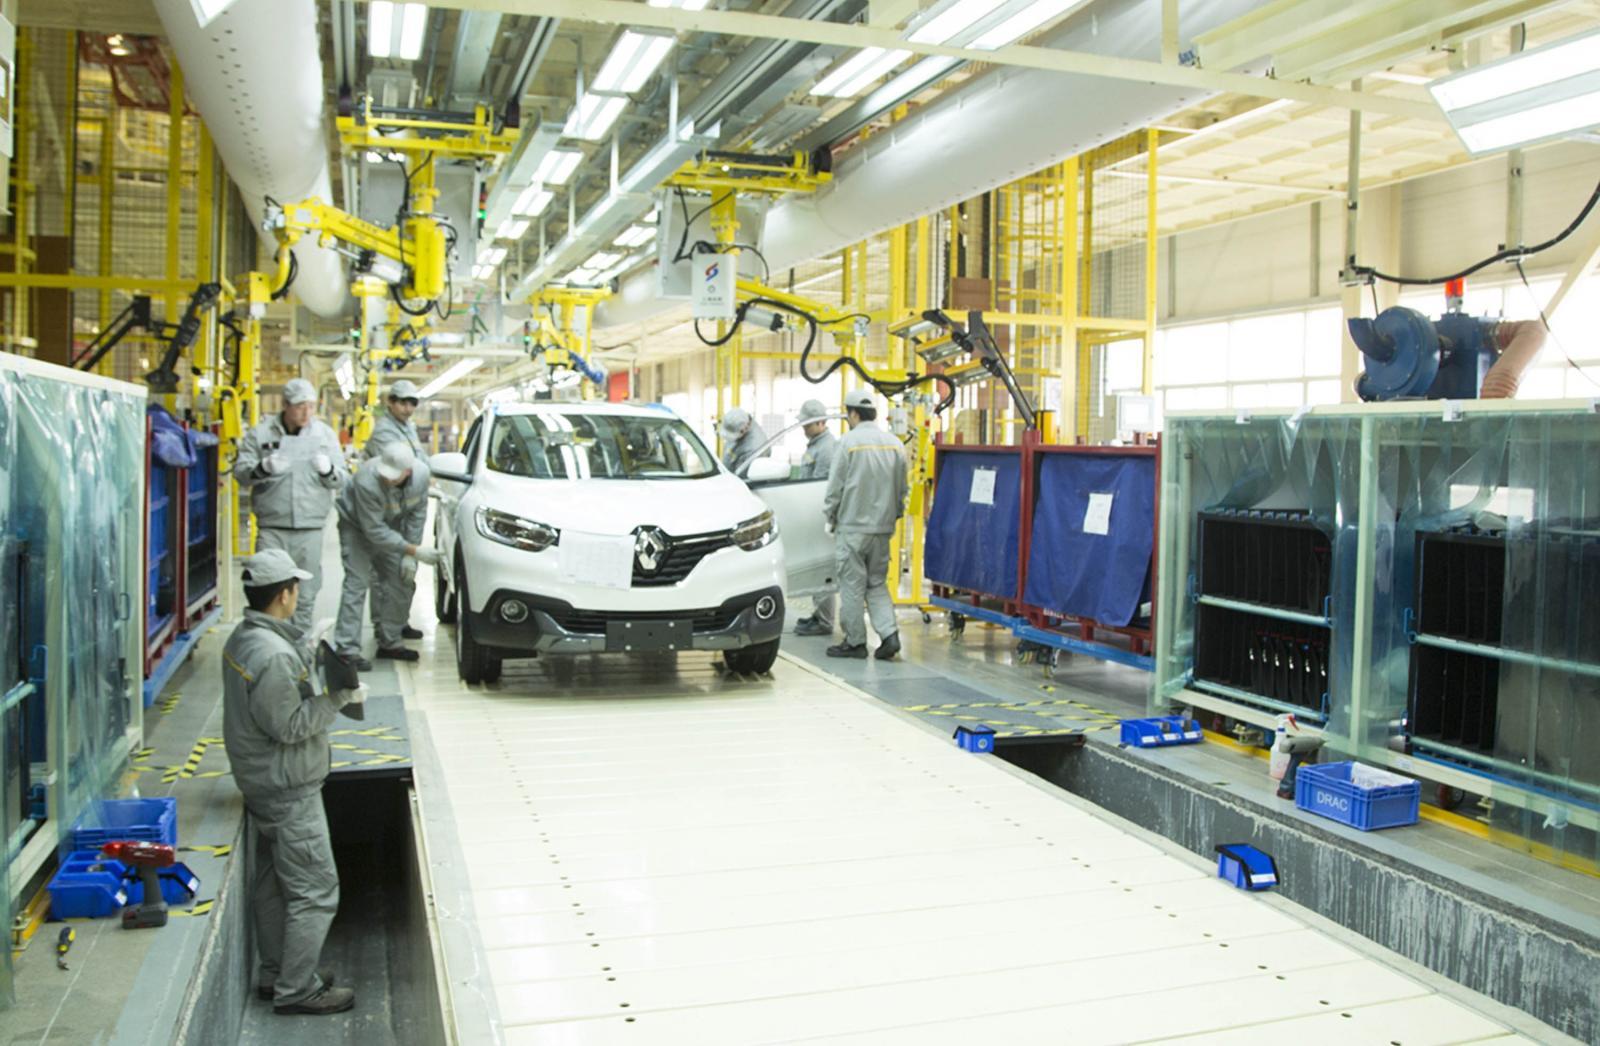 La producción de autos en China se ha visto afectada